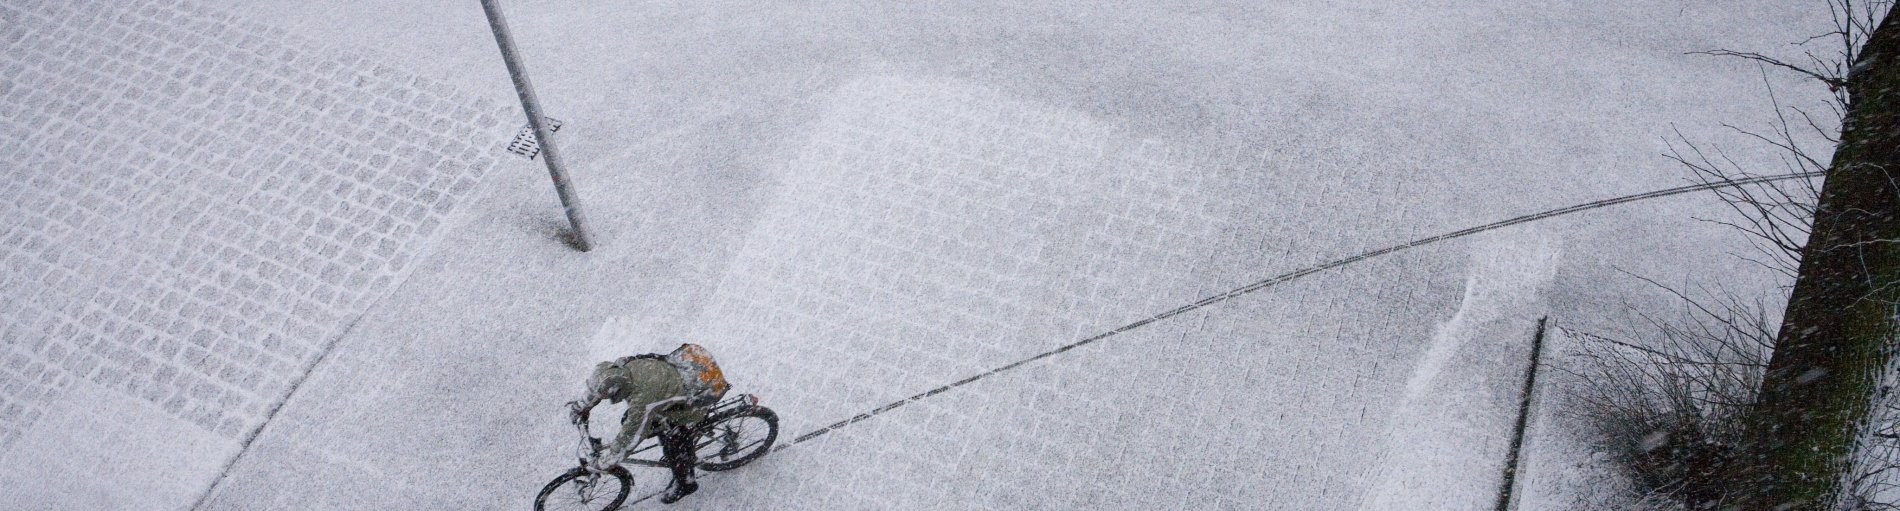 Radfahrer auf verschneiter Straße